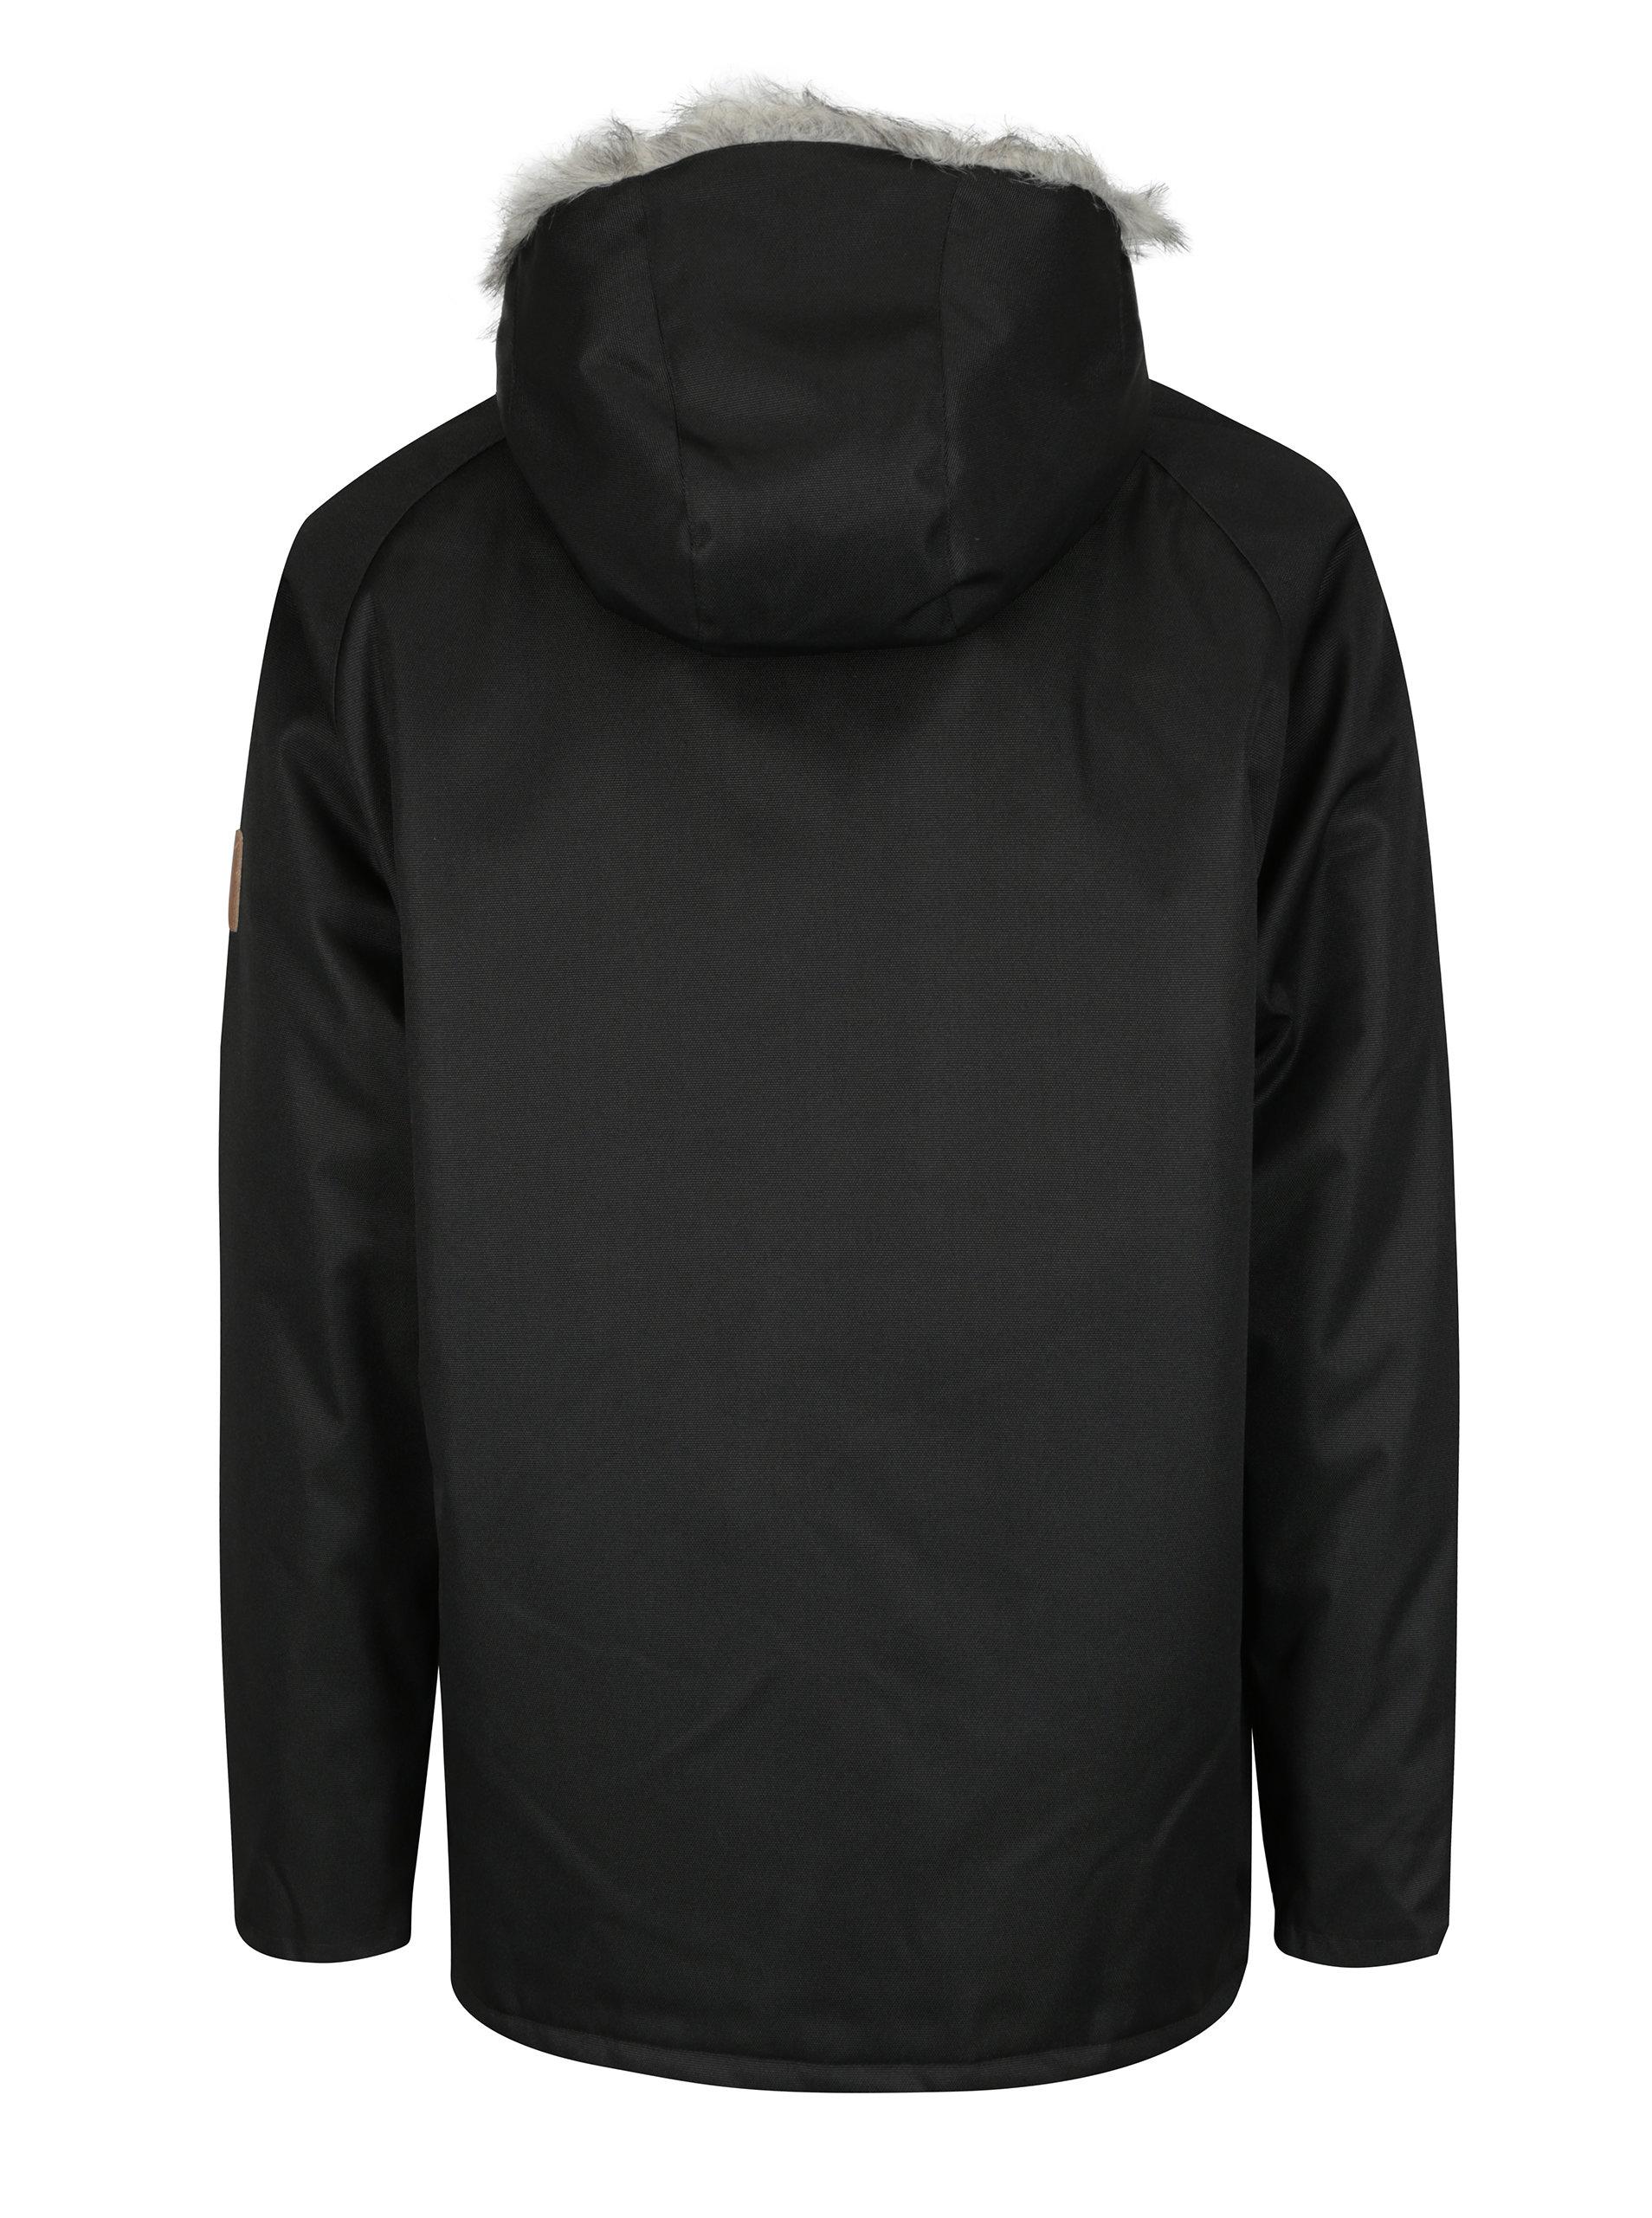 3b94925440d Černá pánská bunda s umělým kožíškem Makia Original Raglan ...